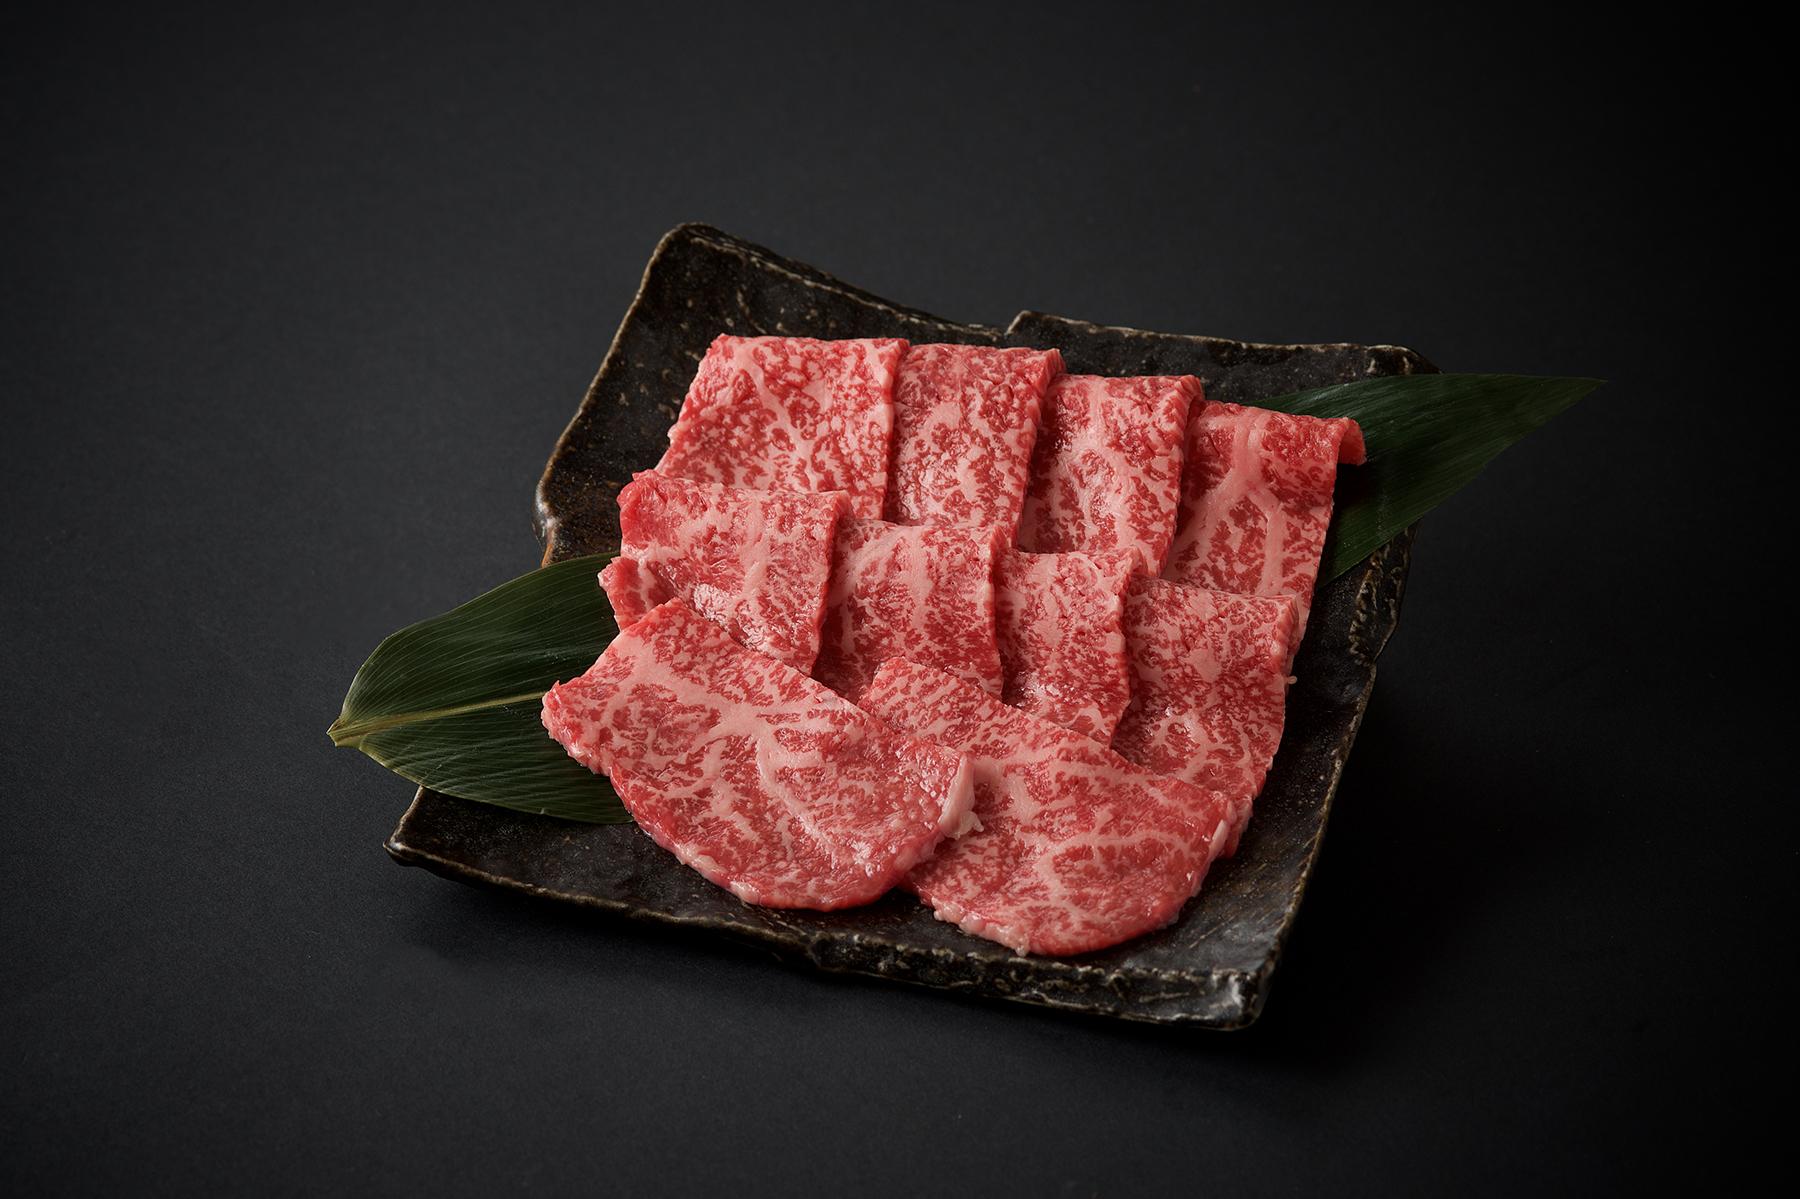 九州産黒毛和牛 上赤身焼肉